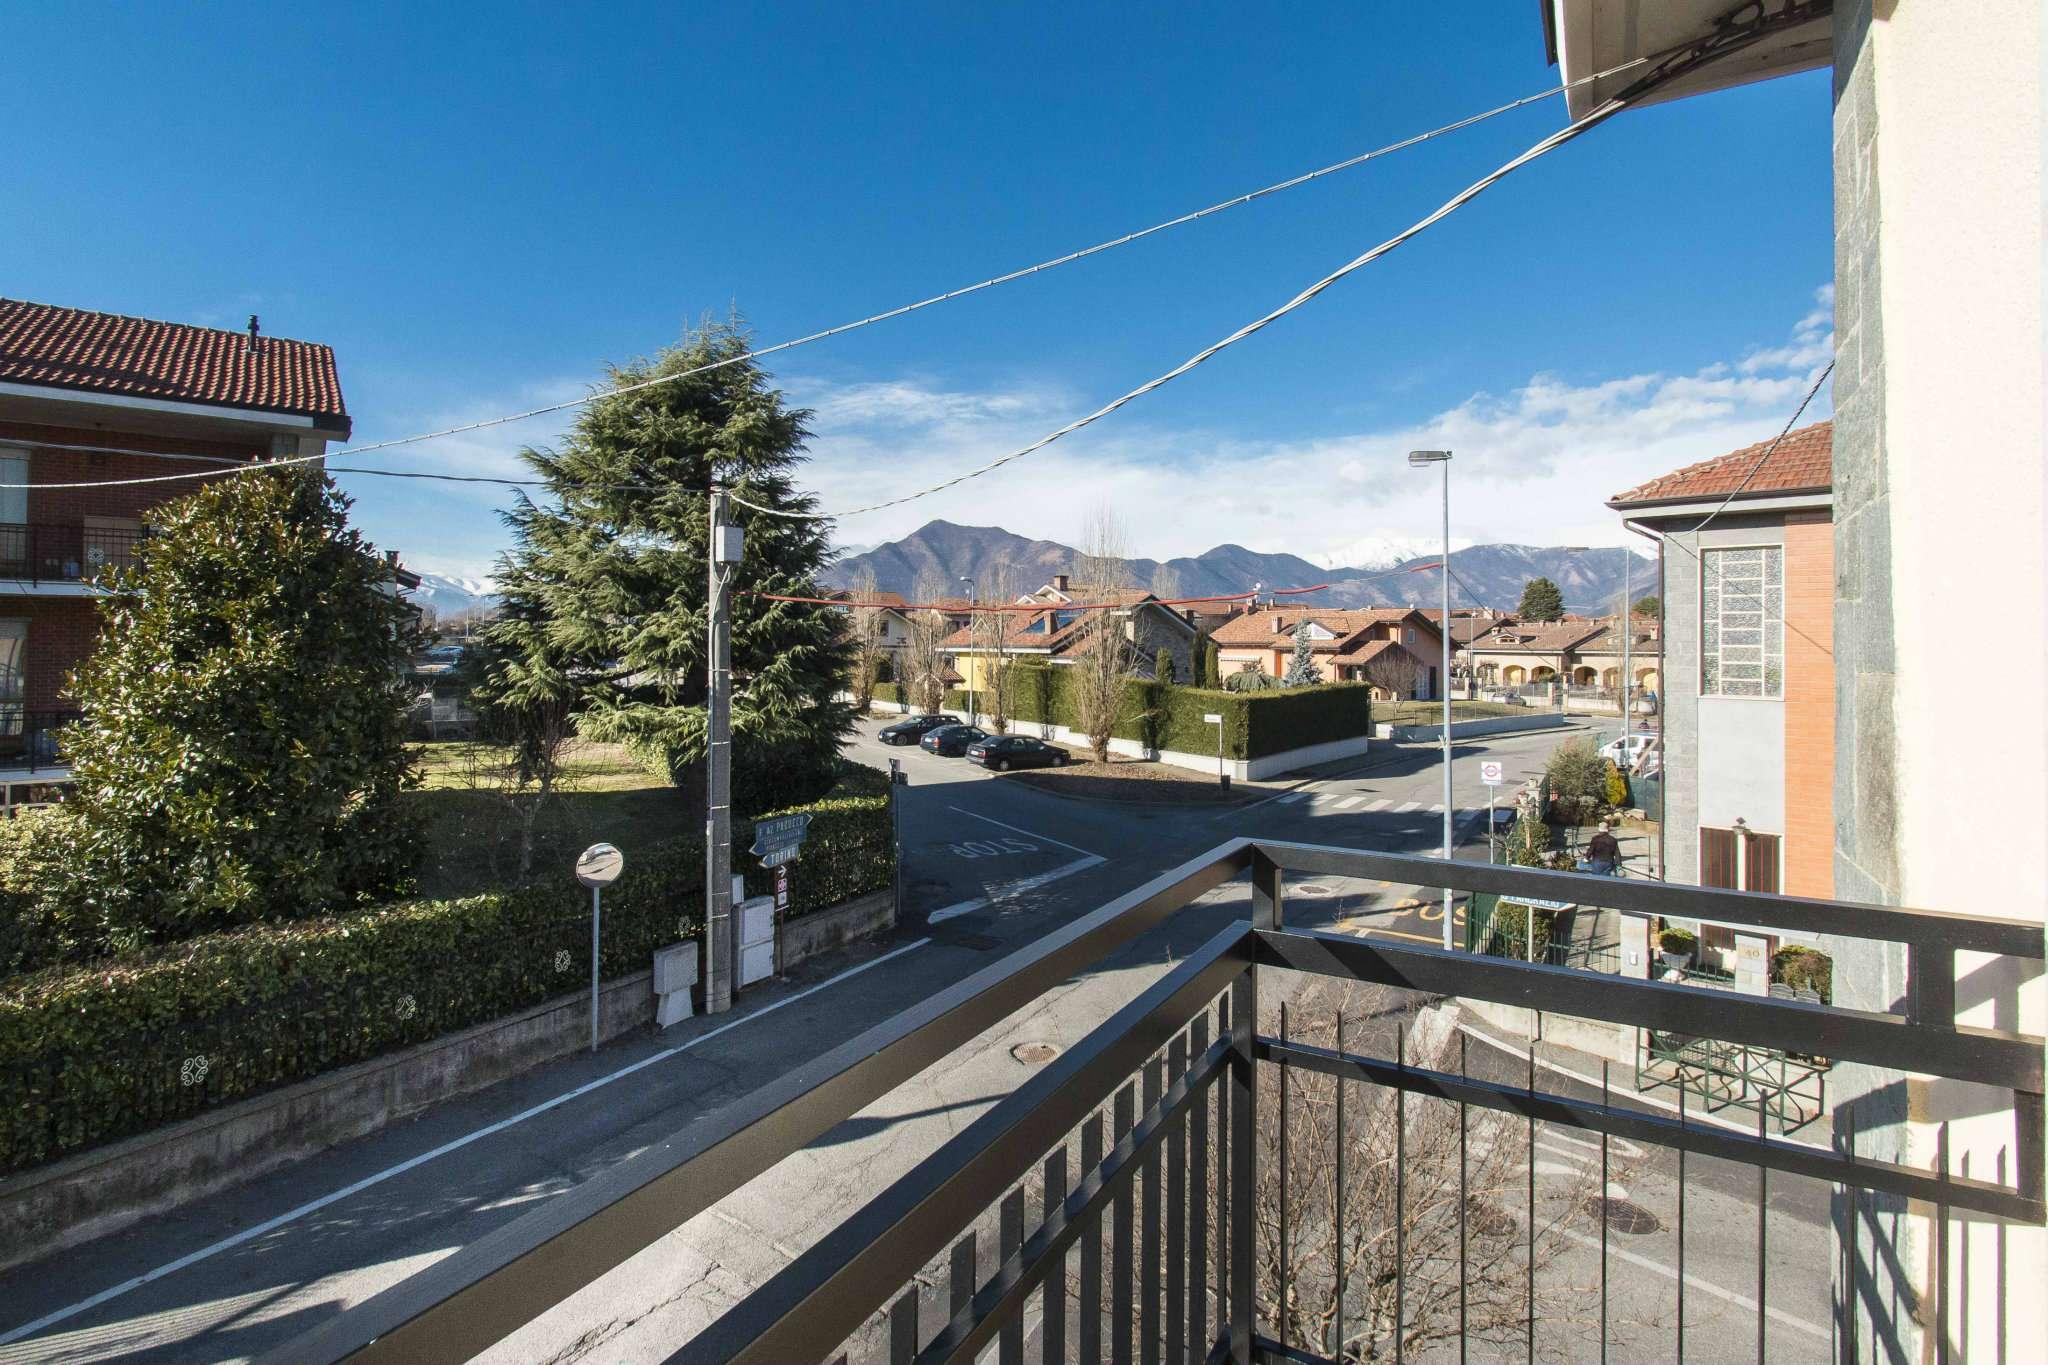 Appartamento in vendita a Pianezza, 4 locali, prezzo € 203.000 | CambioCasa.it